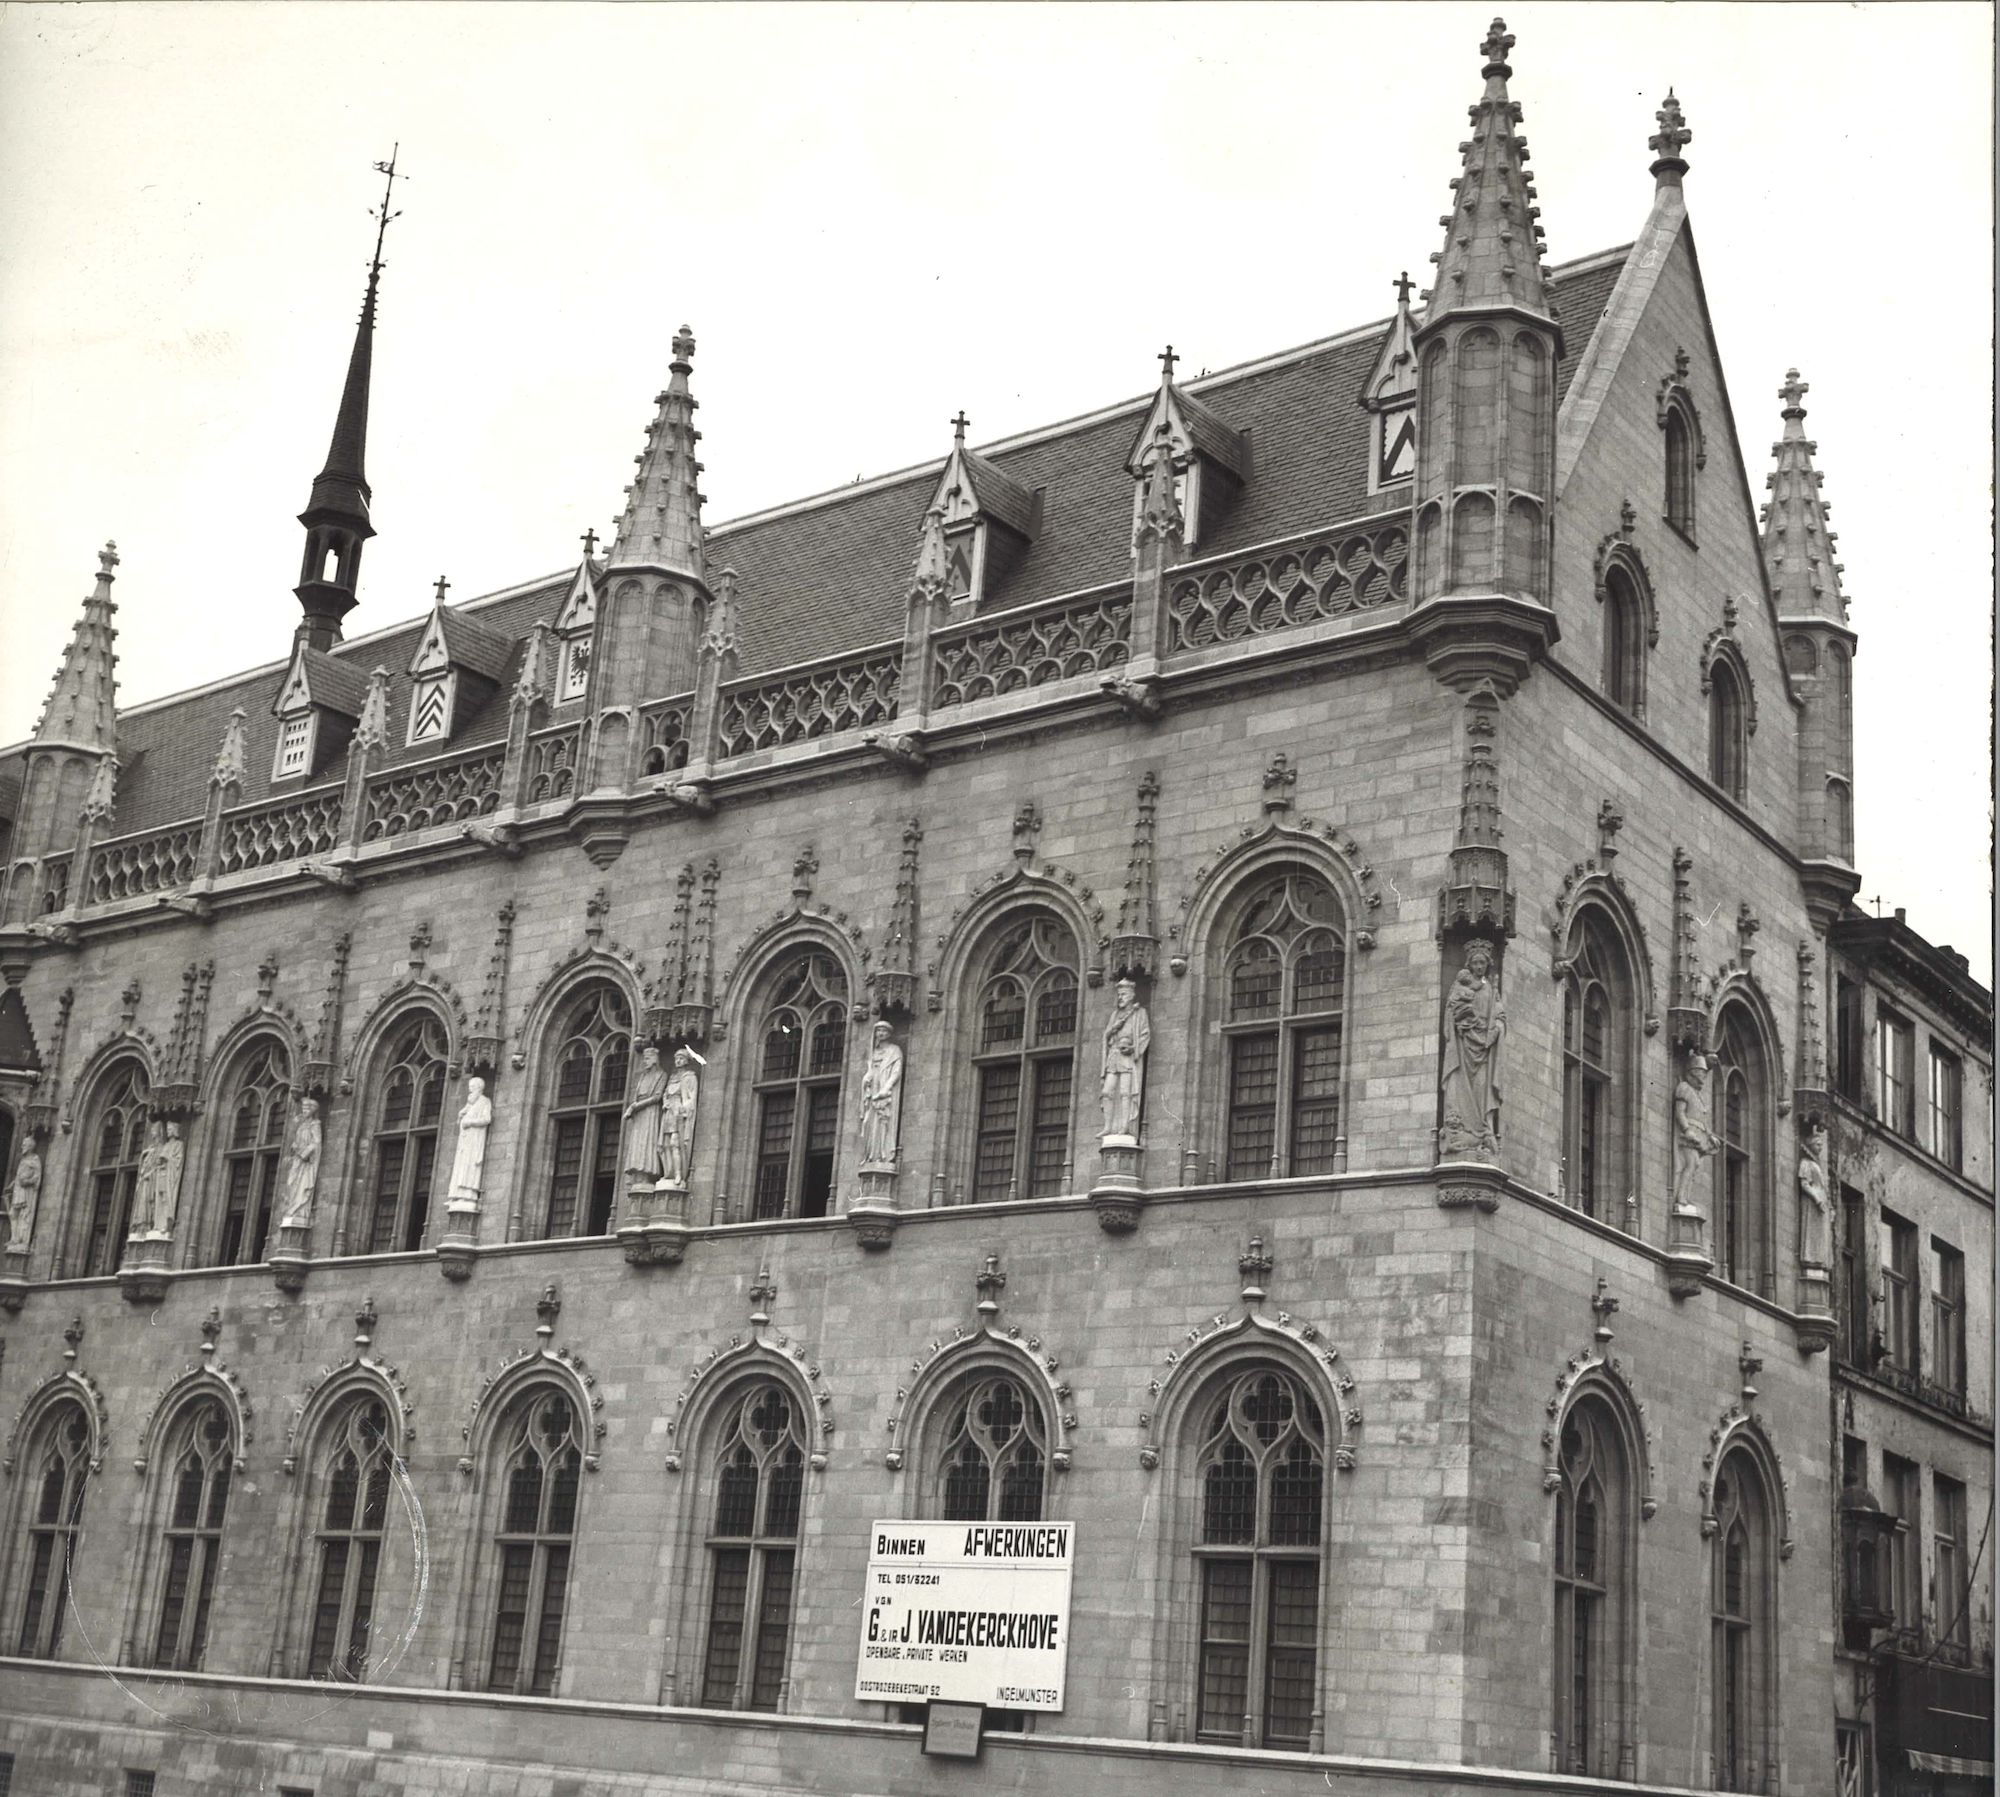 Stadhuis Kortrijk